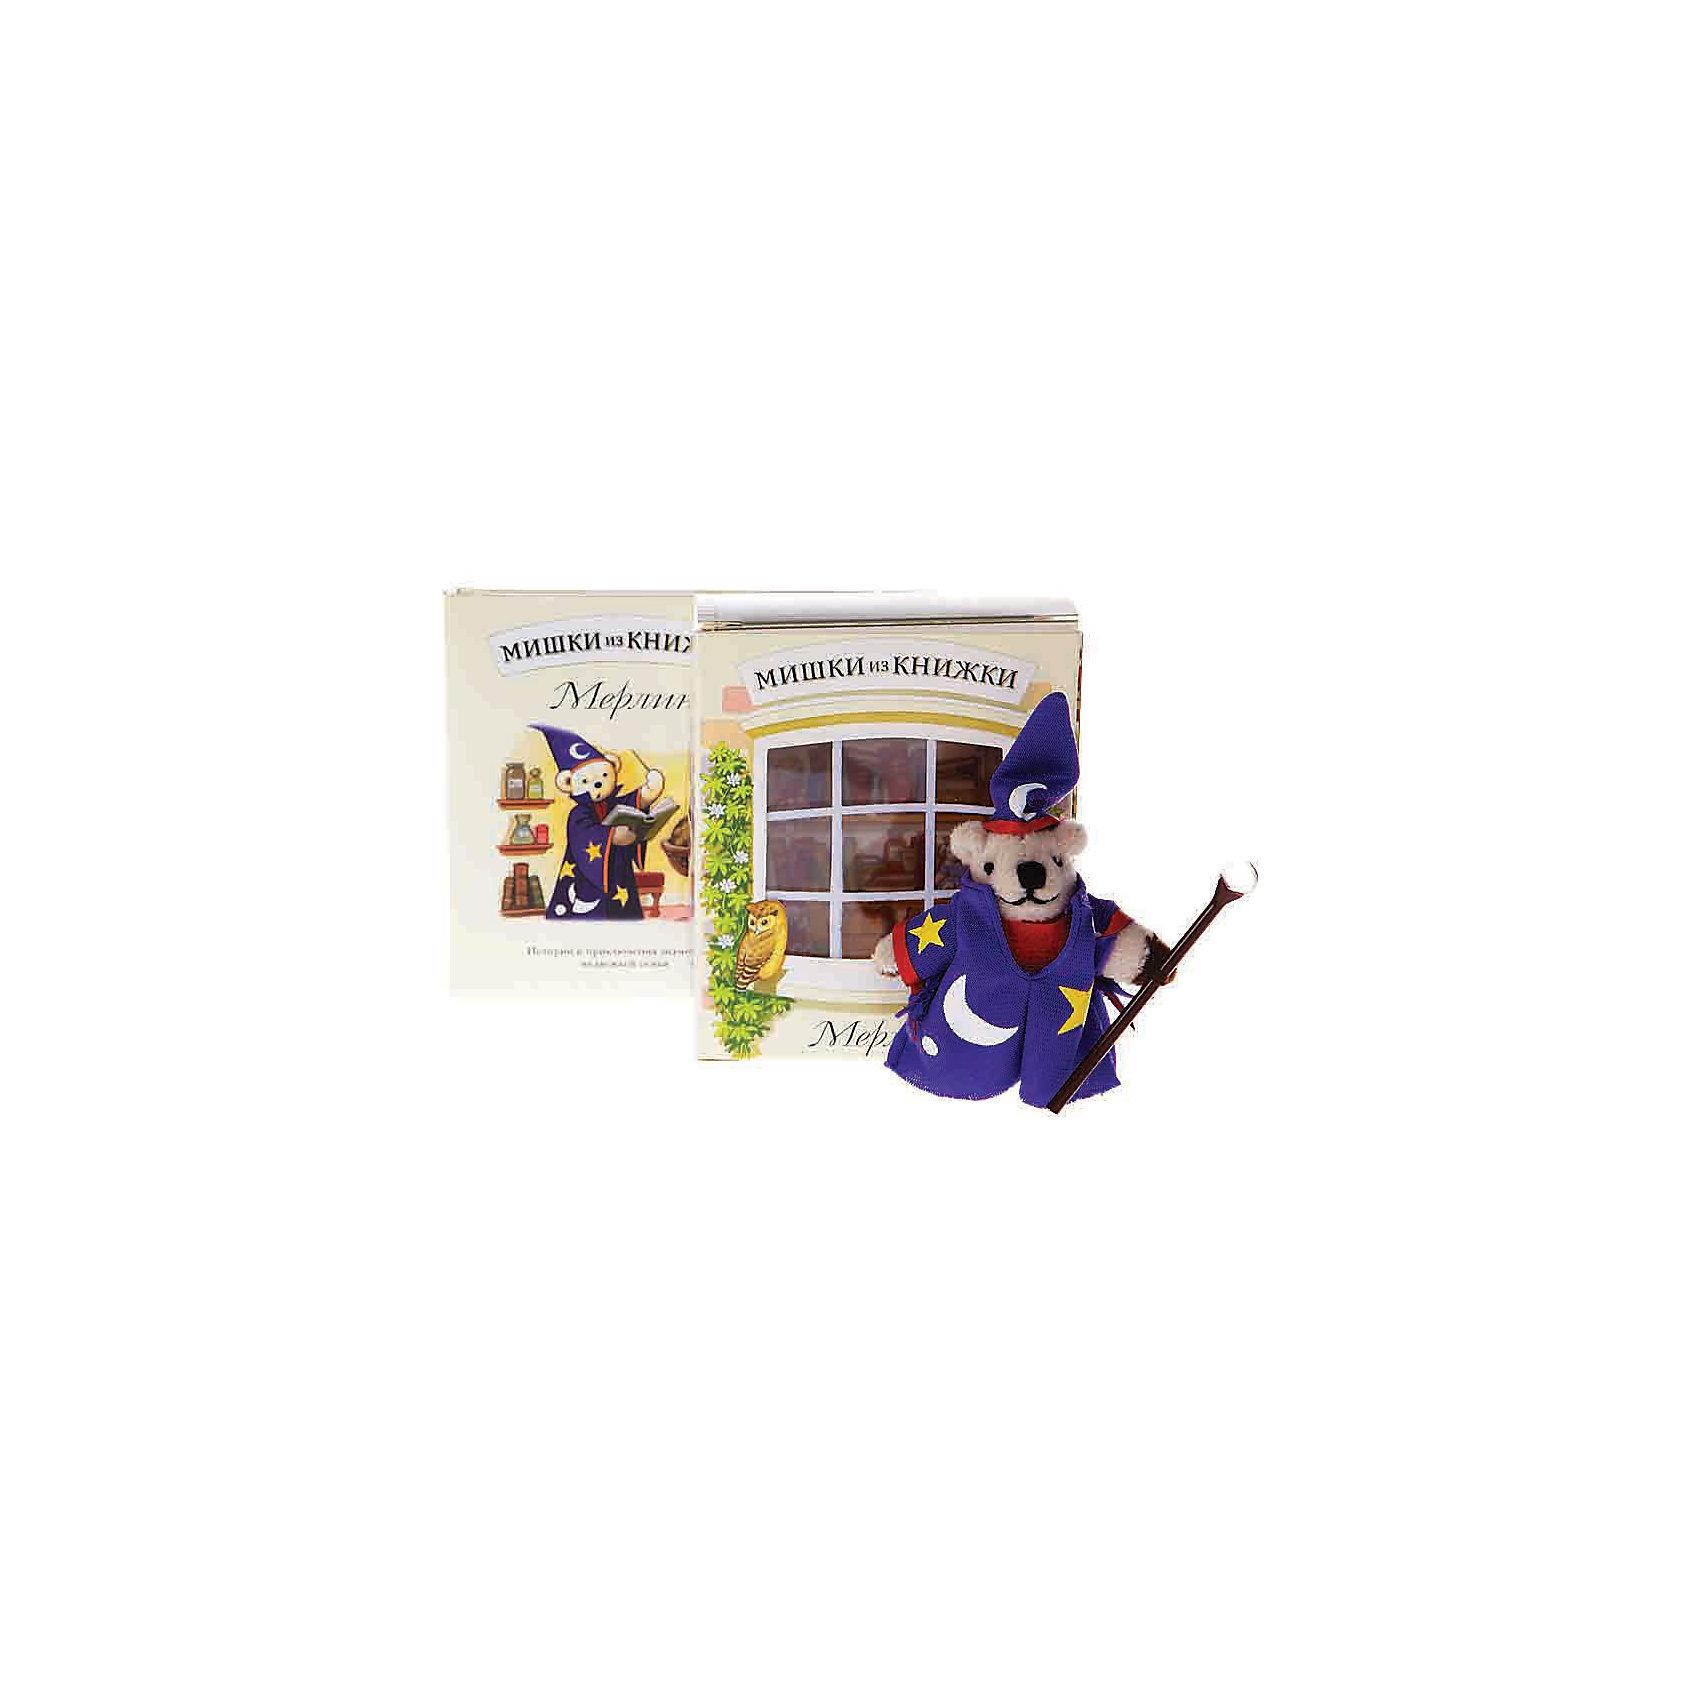 Мишки из книжки МерлинМишки из книжки Мерлин Сказка о добром волшебнике Мерлине и сам мишка-волшебник в придачу.<br>Дополнительная информация:<br>Состав набора:<br>• Книга со сказкой 48 стр., суперобложка, цветные иллюстрации <br>• Игрушечный мишка Мерлин <br>• Картонная комнатка для мишки<br>Размер упаковки (д/ш/в): 80 х 50 х 95 мм<br><br>Ширина мм: 80<br>Глубина мм: 50<br>Высота мм: 95<br>Вес г: 170<br>Возраст от месяцев: 36<br>Возраст до месяцев: 72<br>Пол: Унисекс<br>Возраст: Детский<br>SKU: 2358233